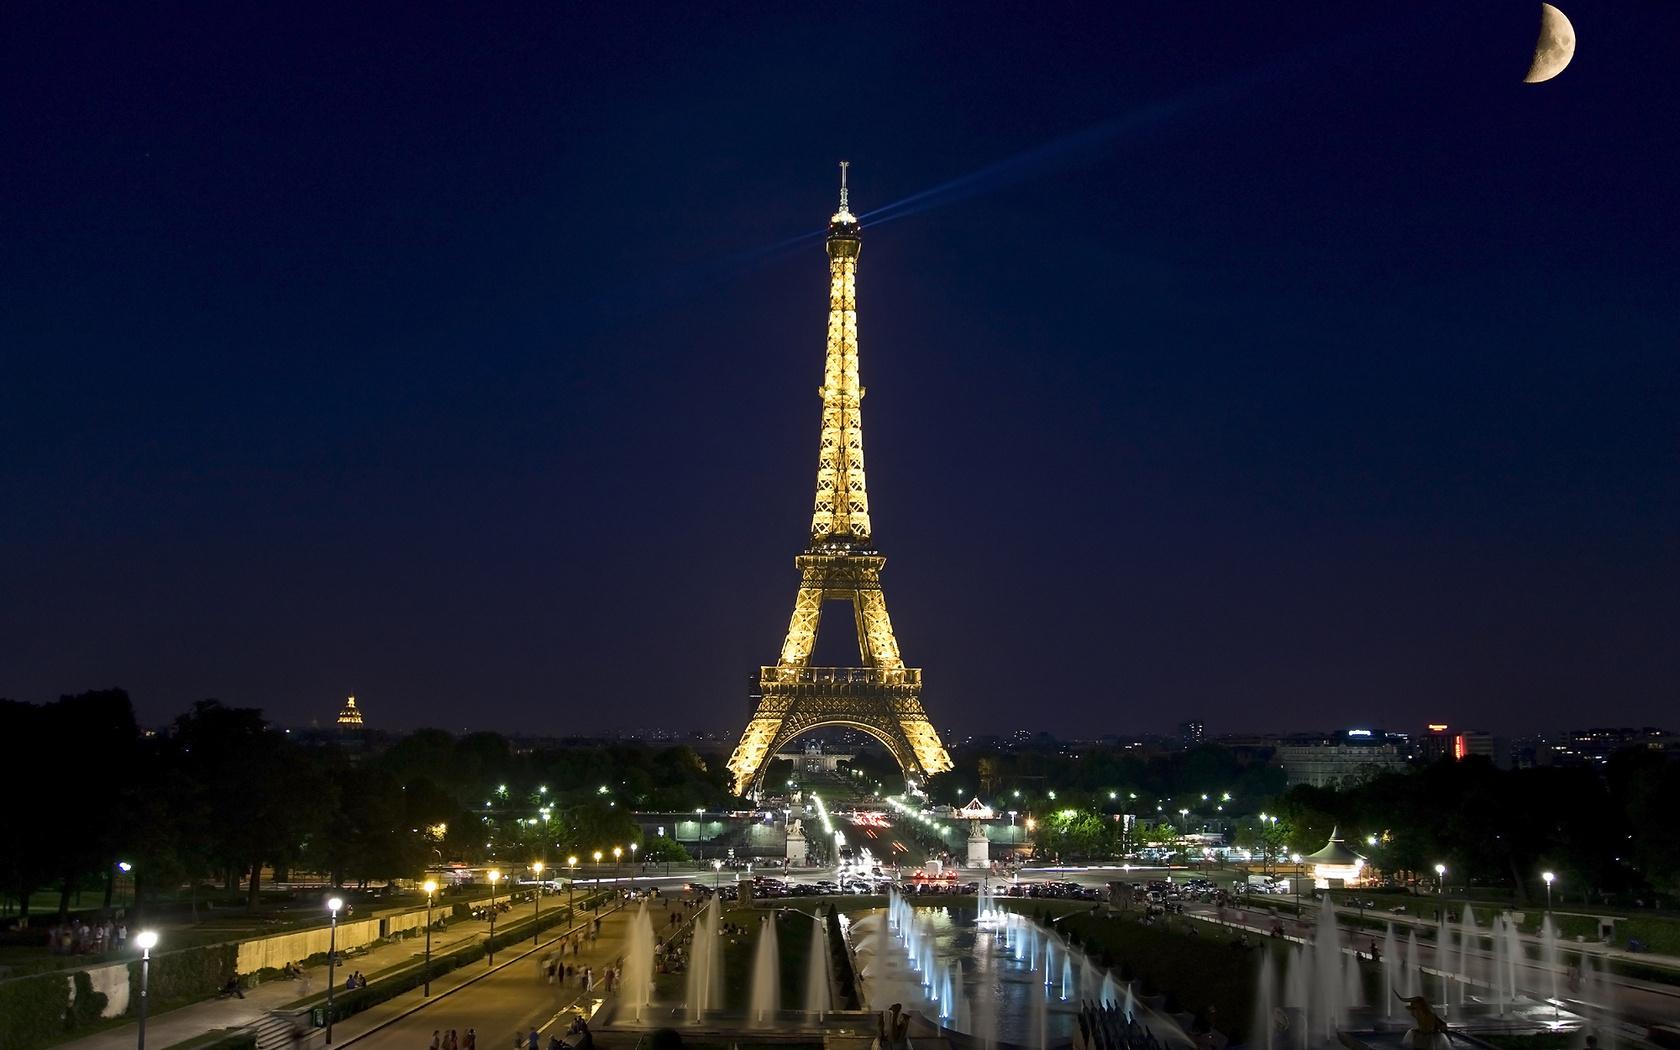 Imágenes De La Torre Eiffel En Alta Definición HD